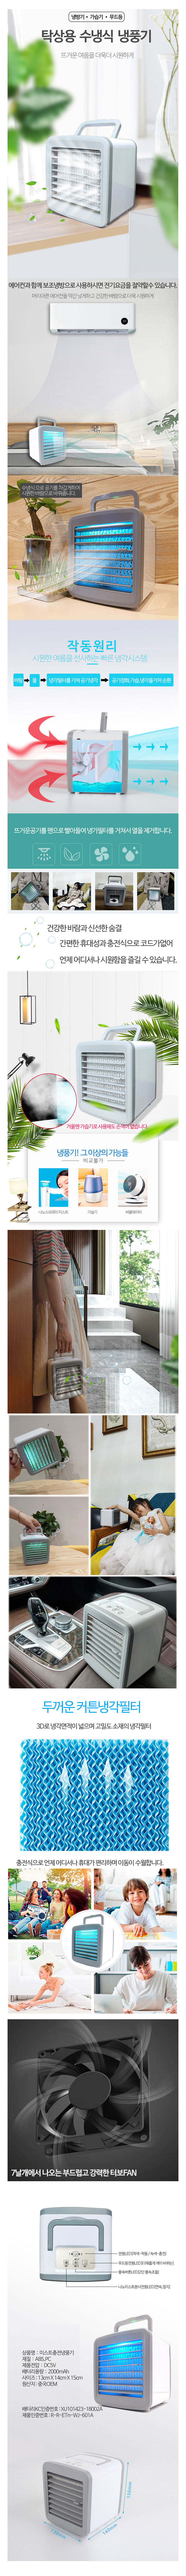 휴대용 이동식 무선 충전 미스트 쿨 미니냉풍기 - 트윈스파파, 49,800원, 선풍기, 스탠드 선풍기